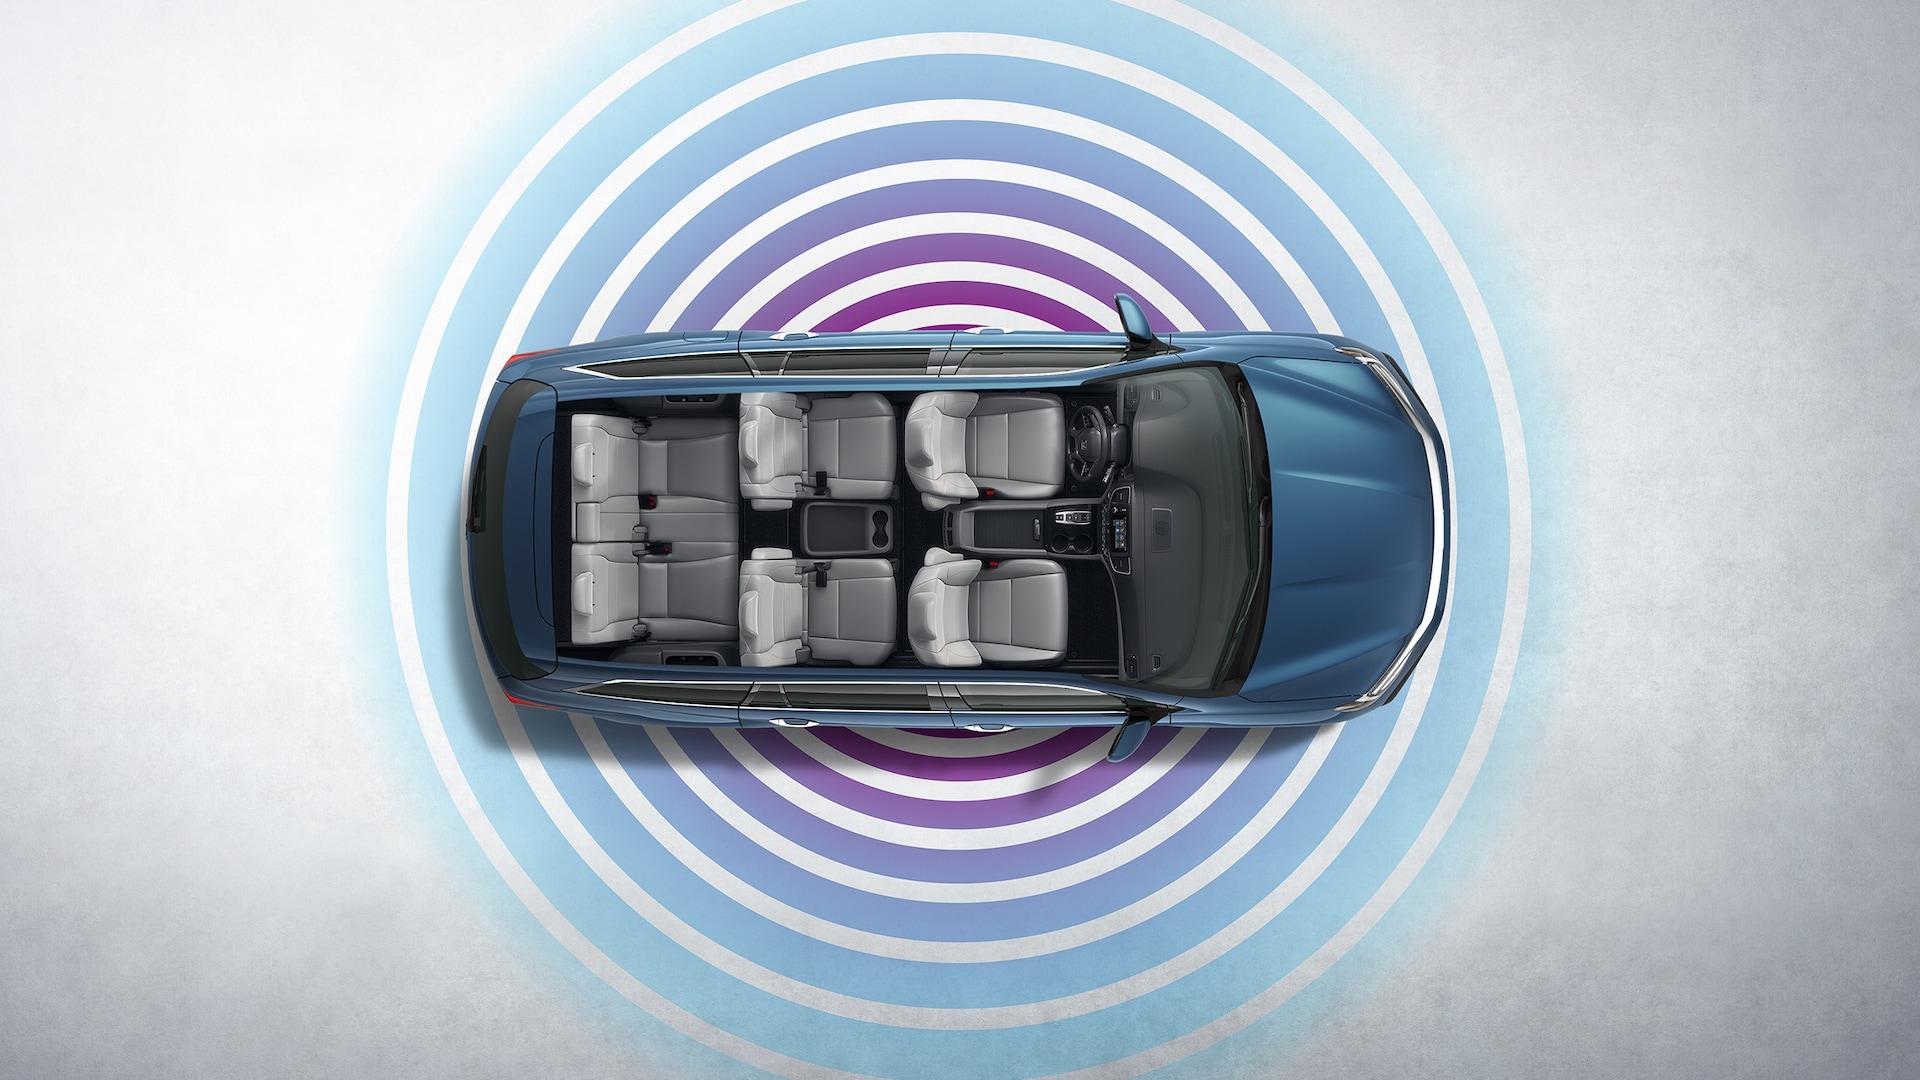 Característica de zona interactiva móvil en el panel de conectividad de la Honda Pilot Elite2020.